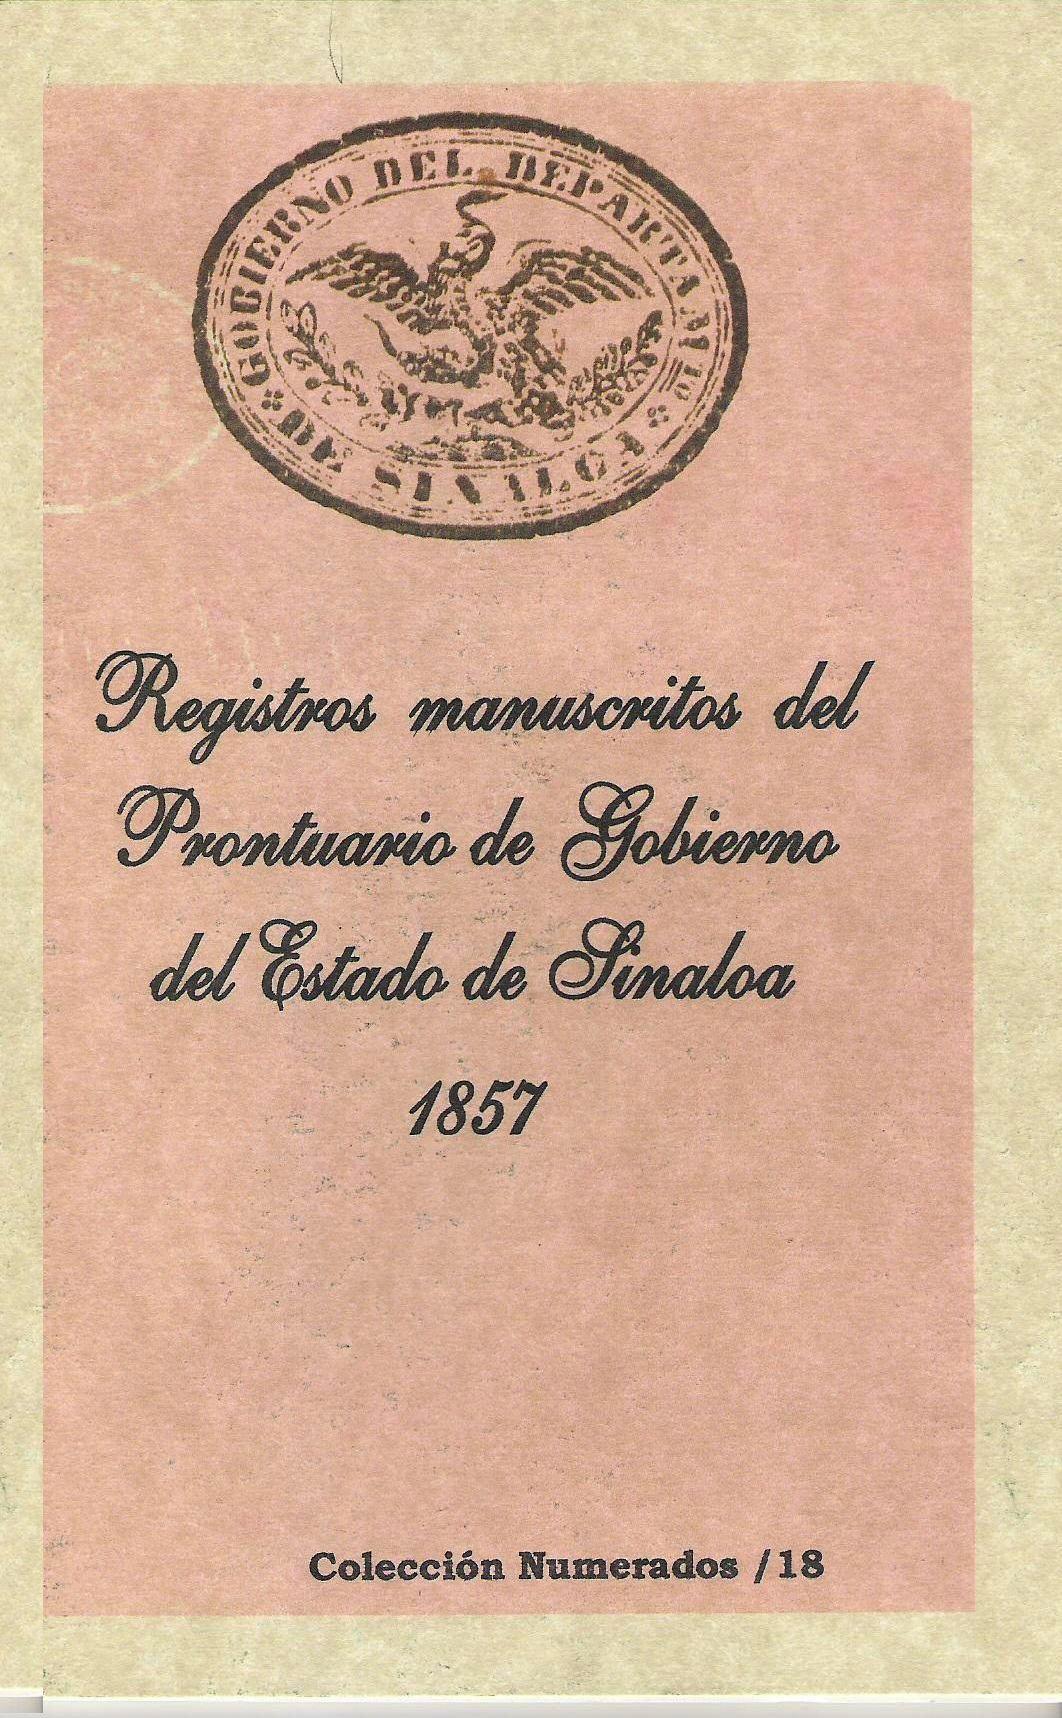 Registros manuscritos del prontuario de Gobierno del Estado de Sinaloa